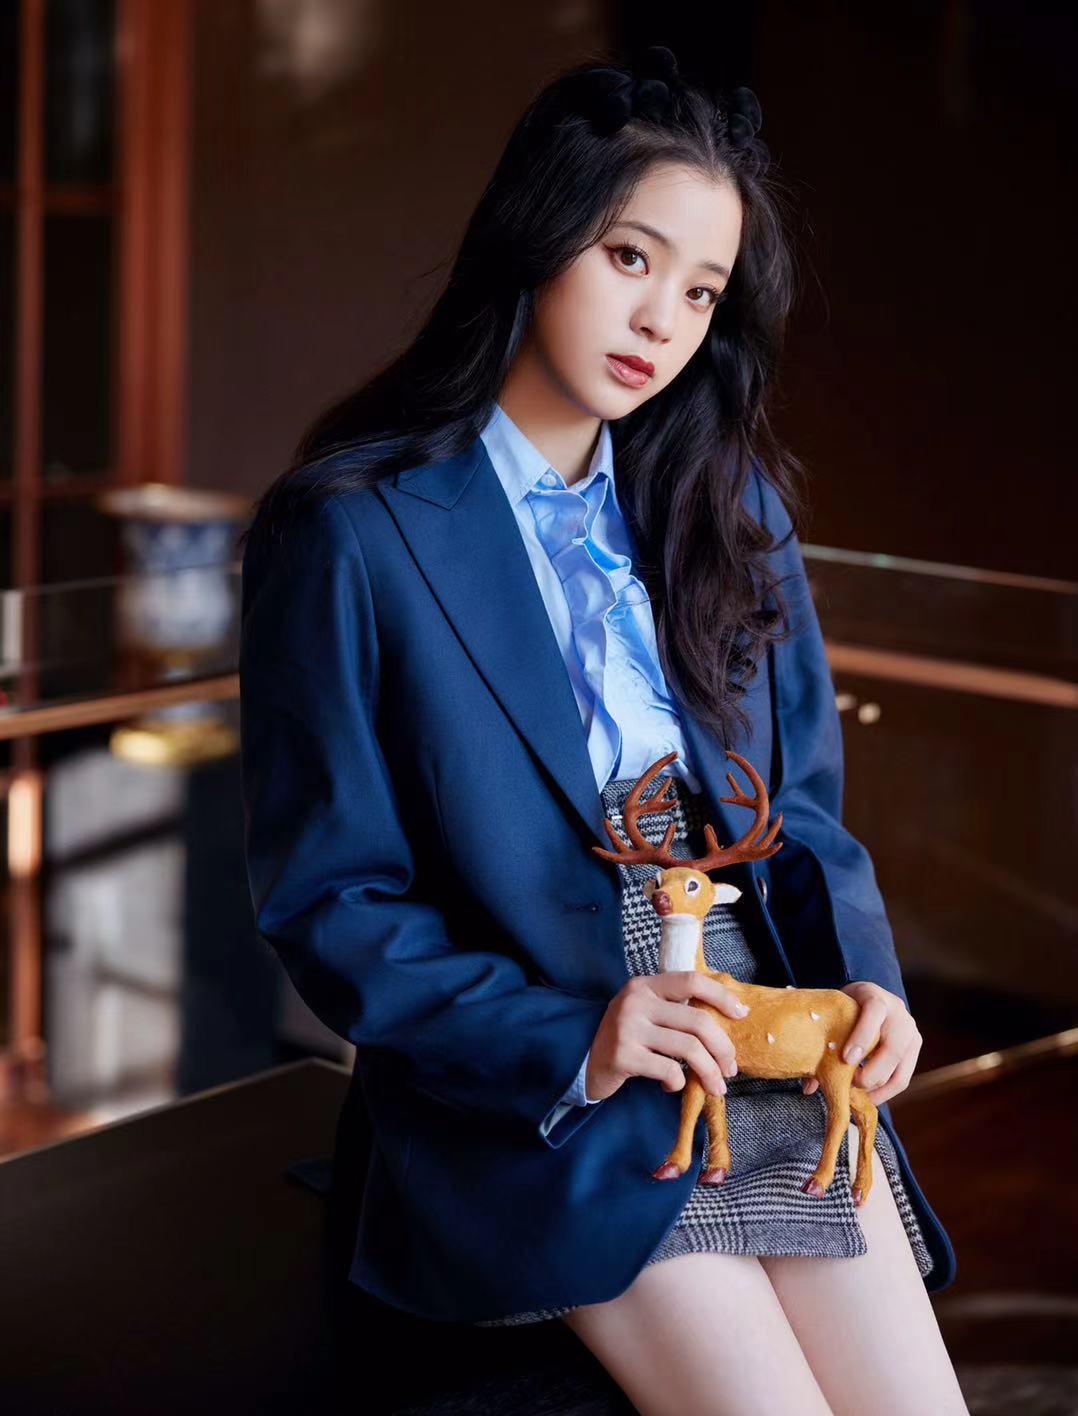 学院风学欧阳娜娜穿蓝色调,很有校花风范儿